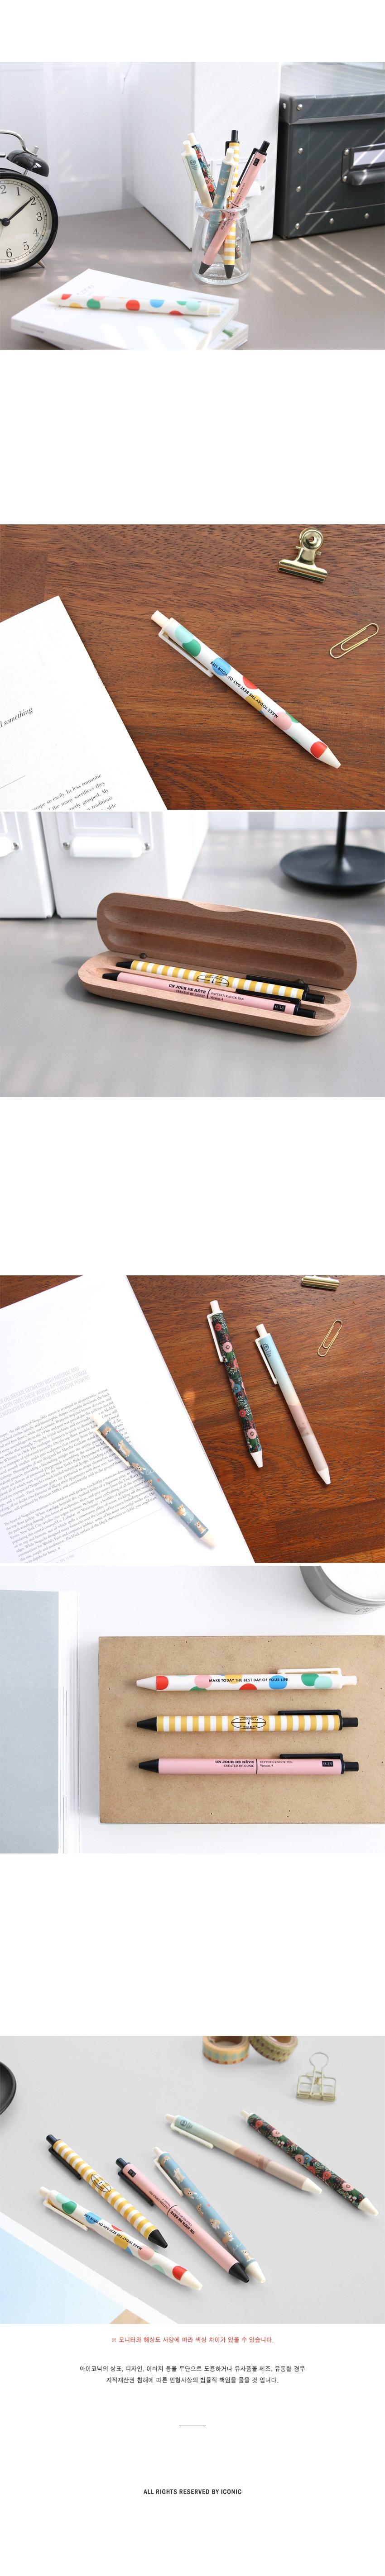 아이코닉 패턴 노크펜 v.4 - 아이코닉, 1,500원, 볼펜, 심플 볼펜